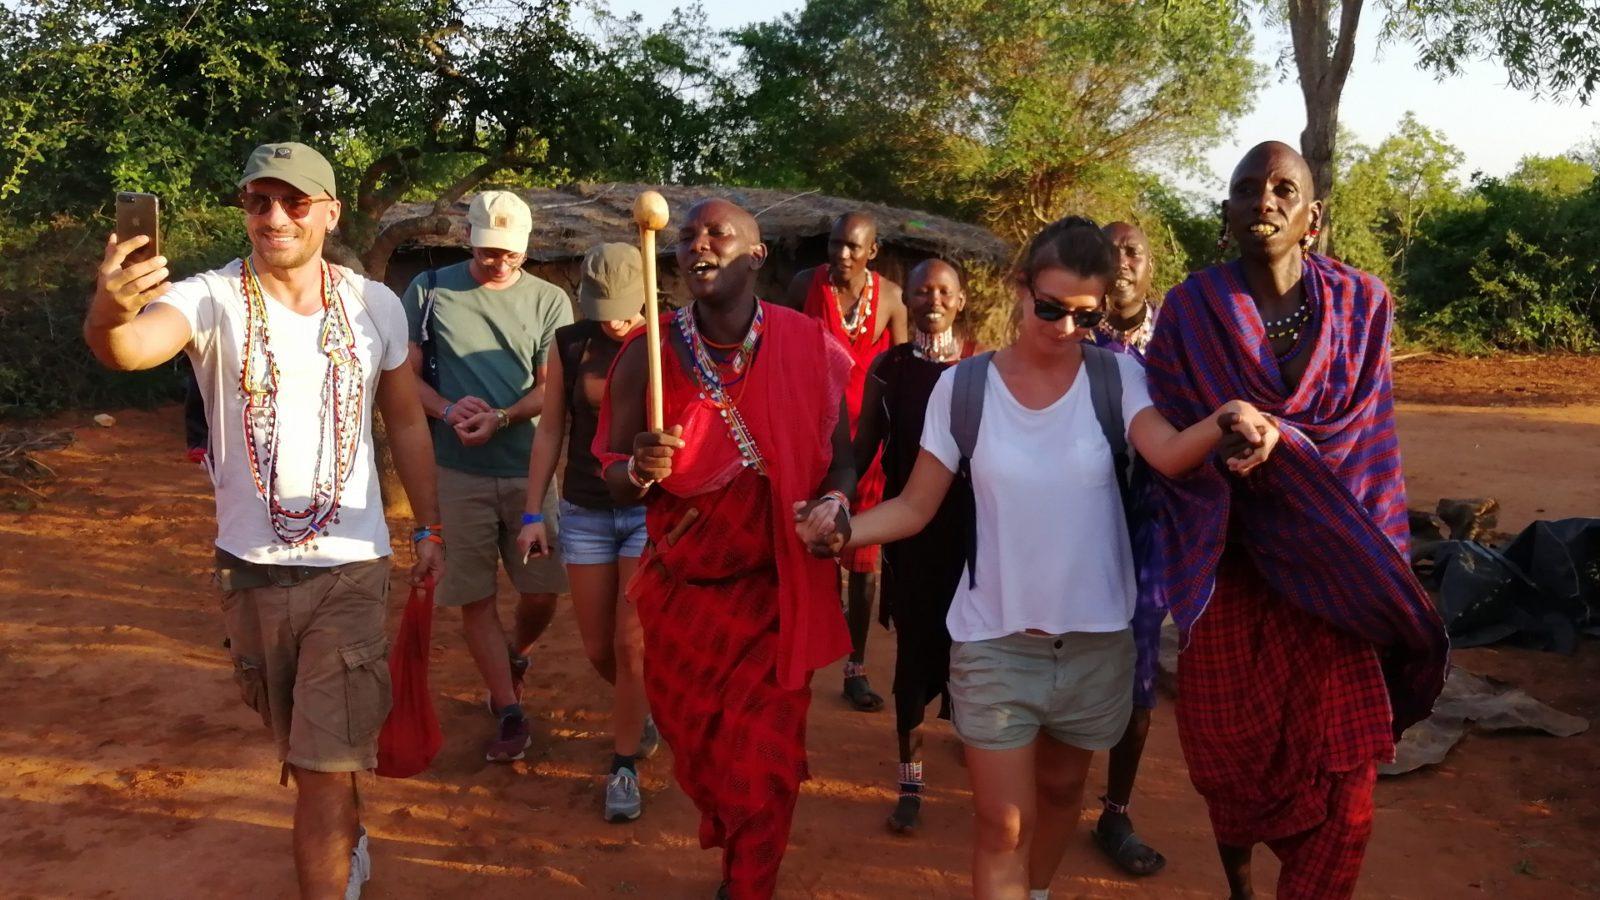 Masai Village Safari 1 Day Tsavo East Safari 1 Tage Tsavo Ost Safari 1gg Tsavo Est